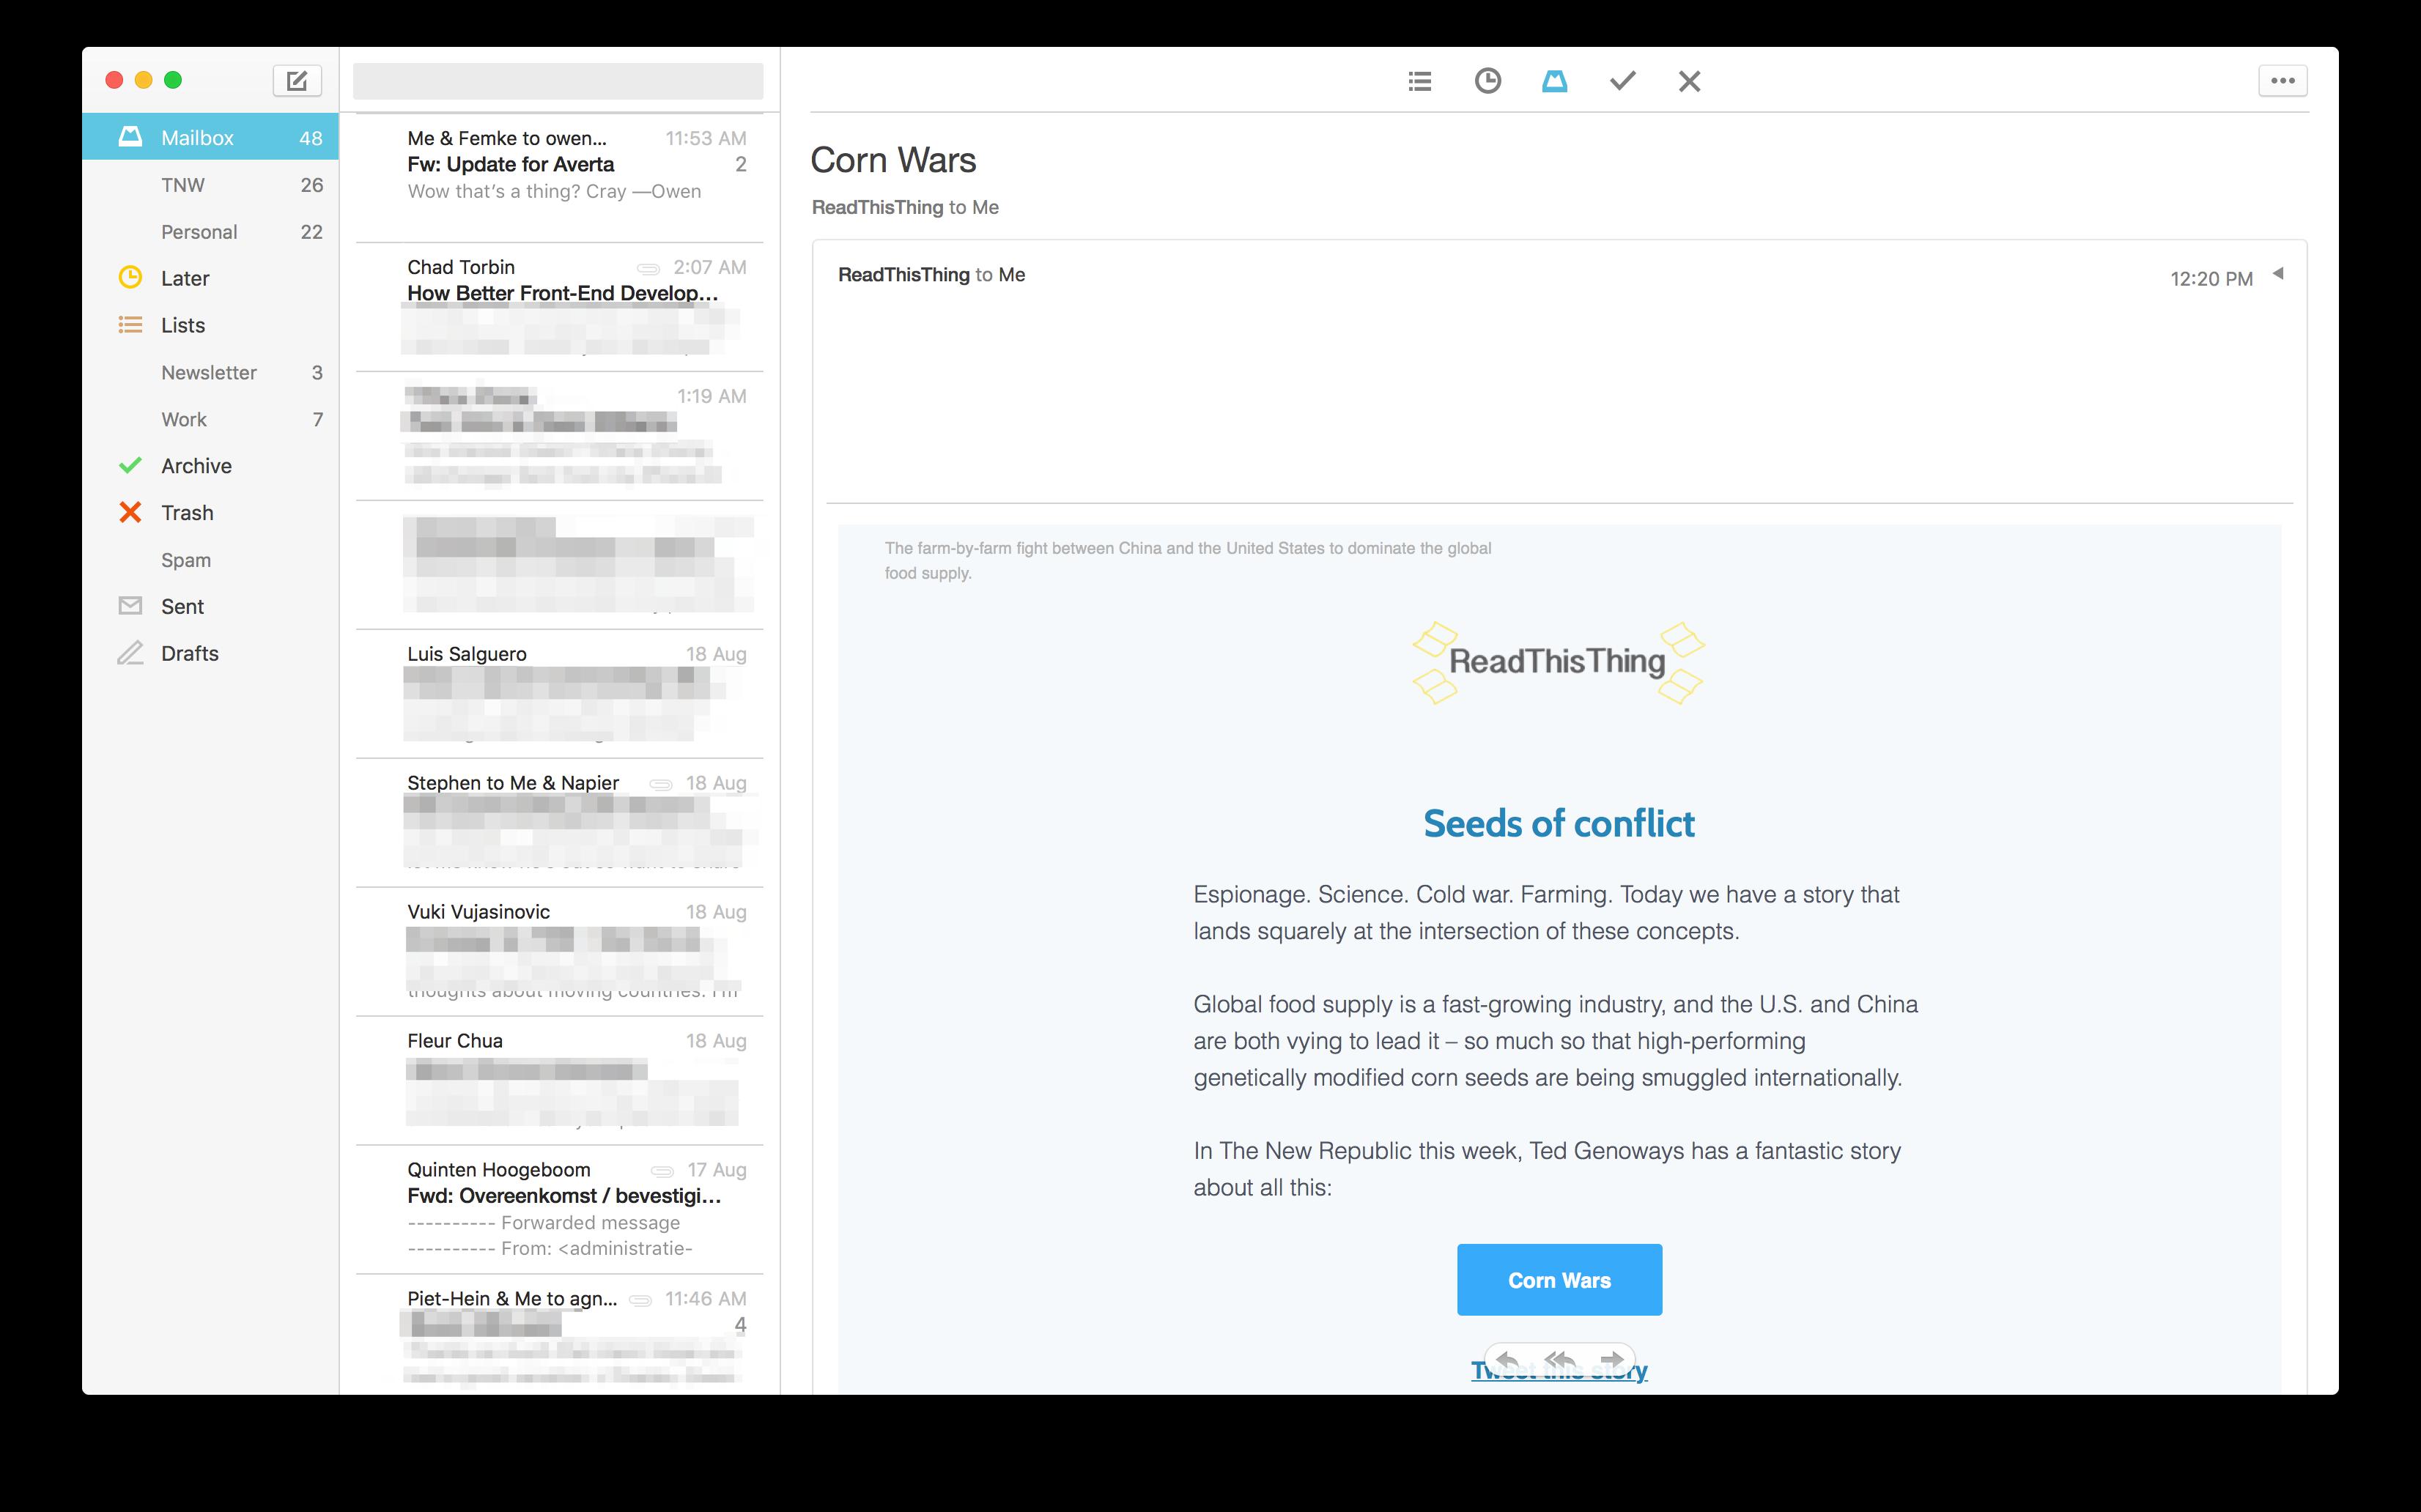 تحديث تطبيق Mailbox على نظام ماك يجلب تصميم جديد وعدد من التحسينات